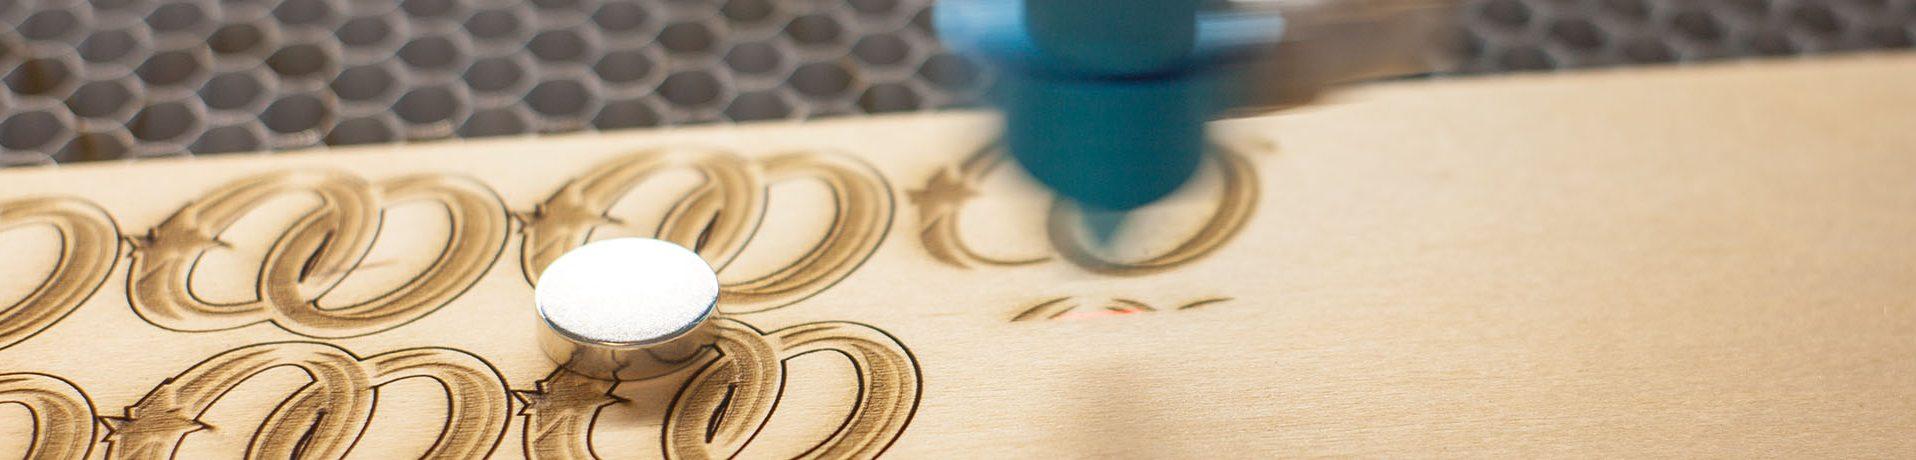 Lasergravur auf Sperrholz mit Laserschnitt